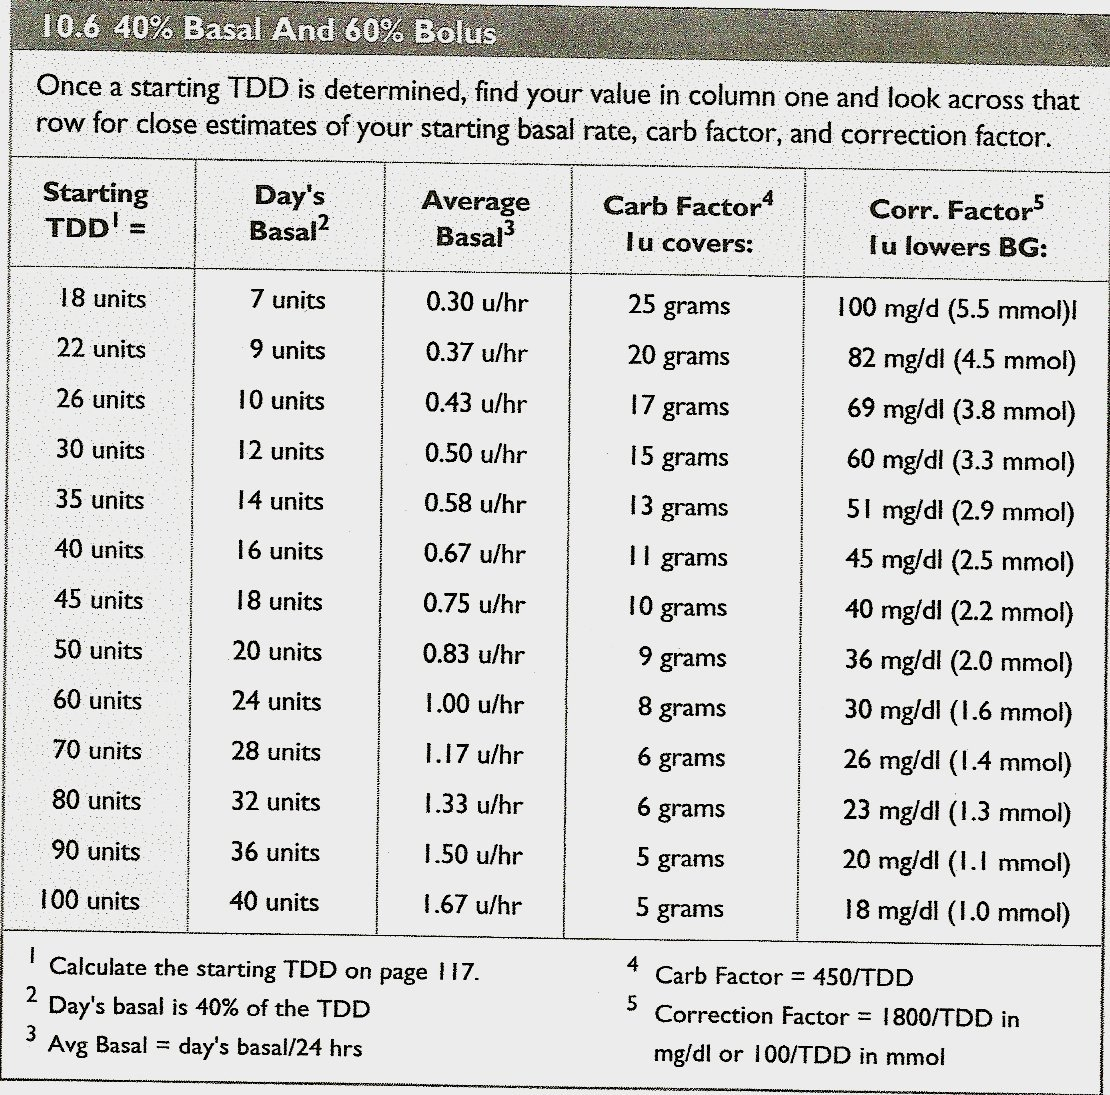 28 Day Drug Expiration Calendar : Free Calendar Template 28 Day Expiration Calender